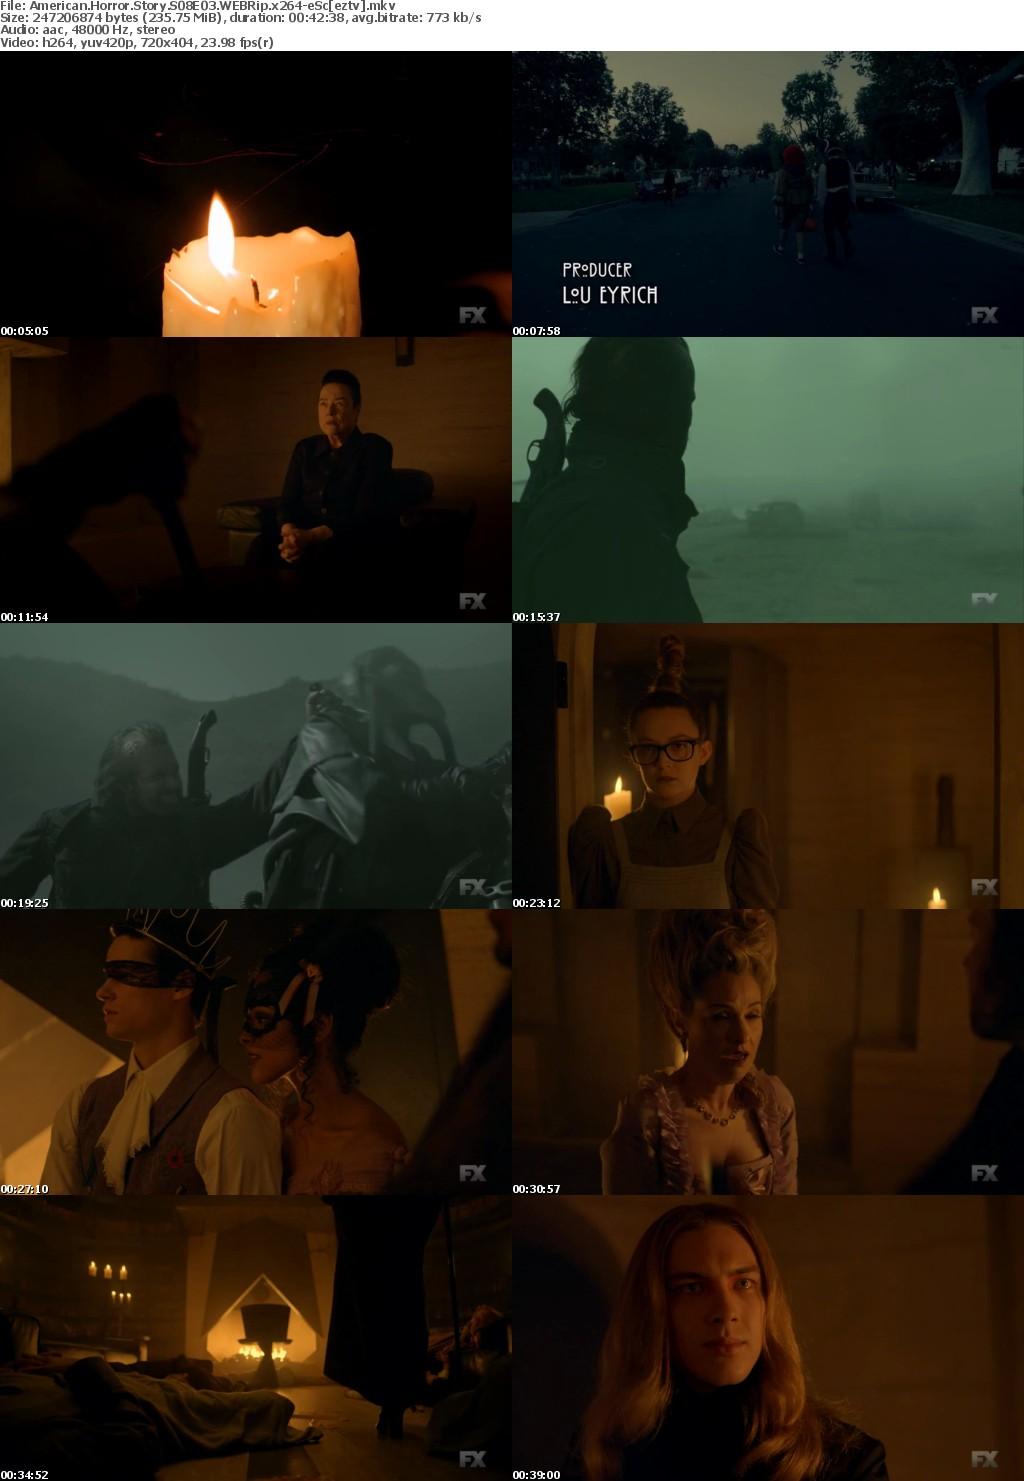 American Horror Story S08E03 WEBRip x264-eSc